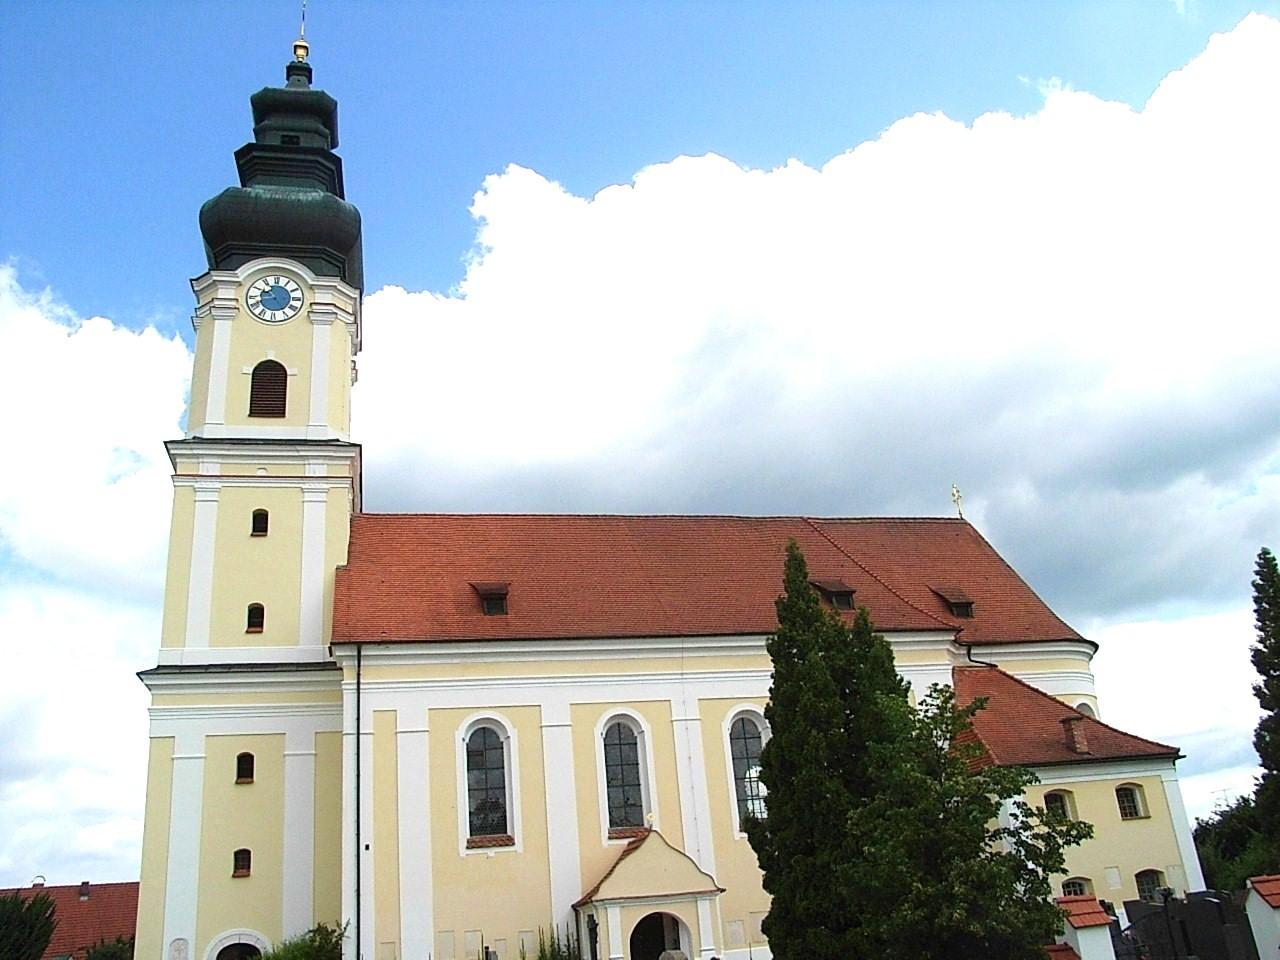 Pfarrkirche Mariakirchen